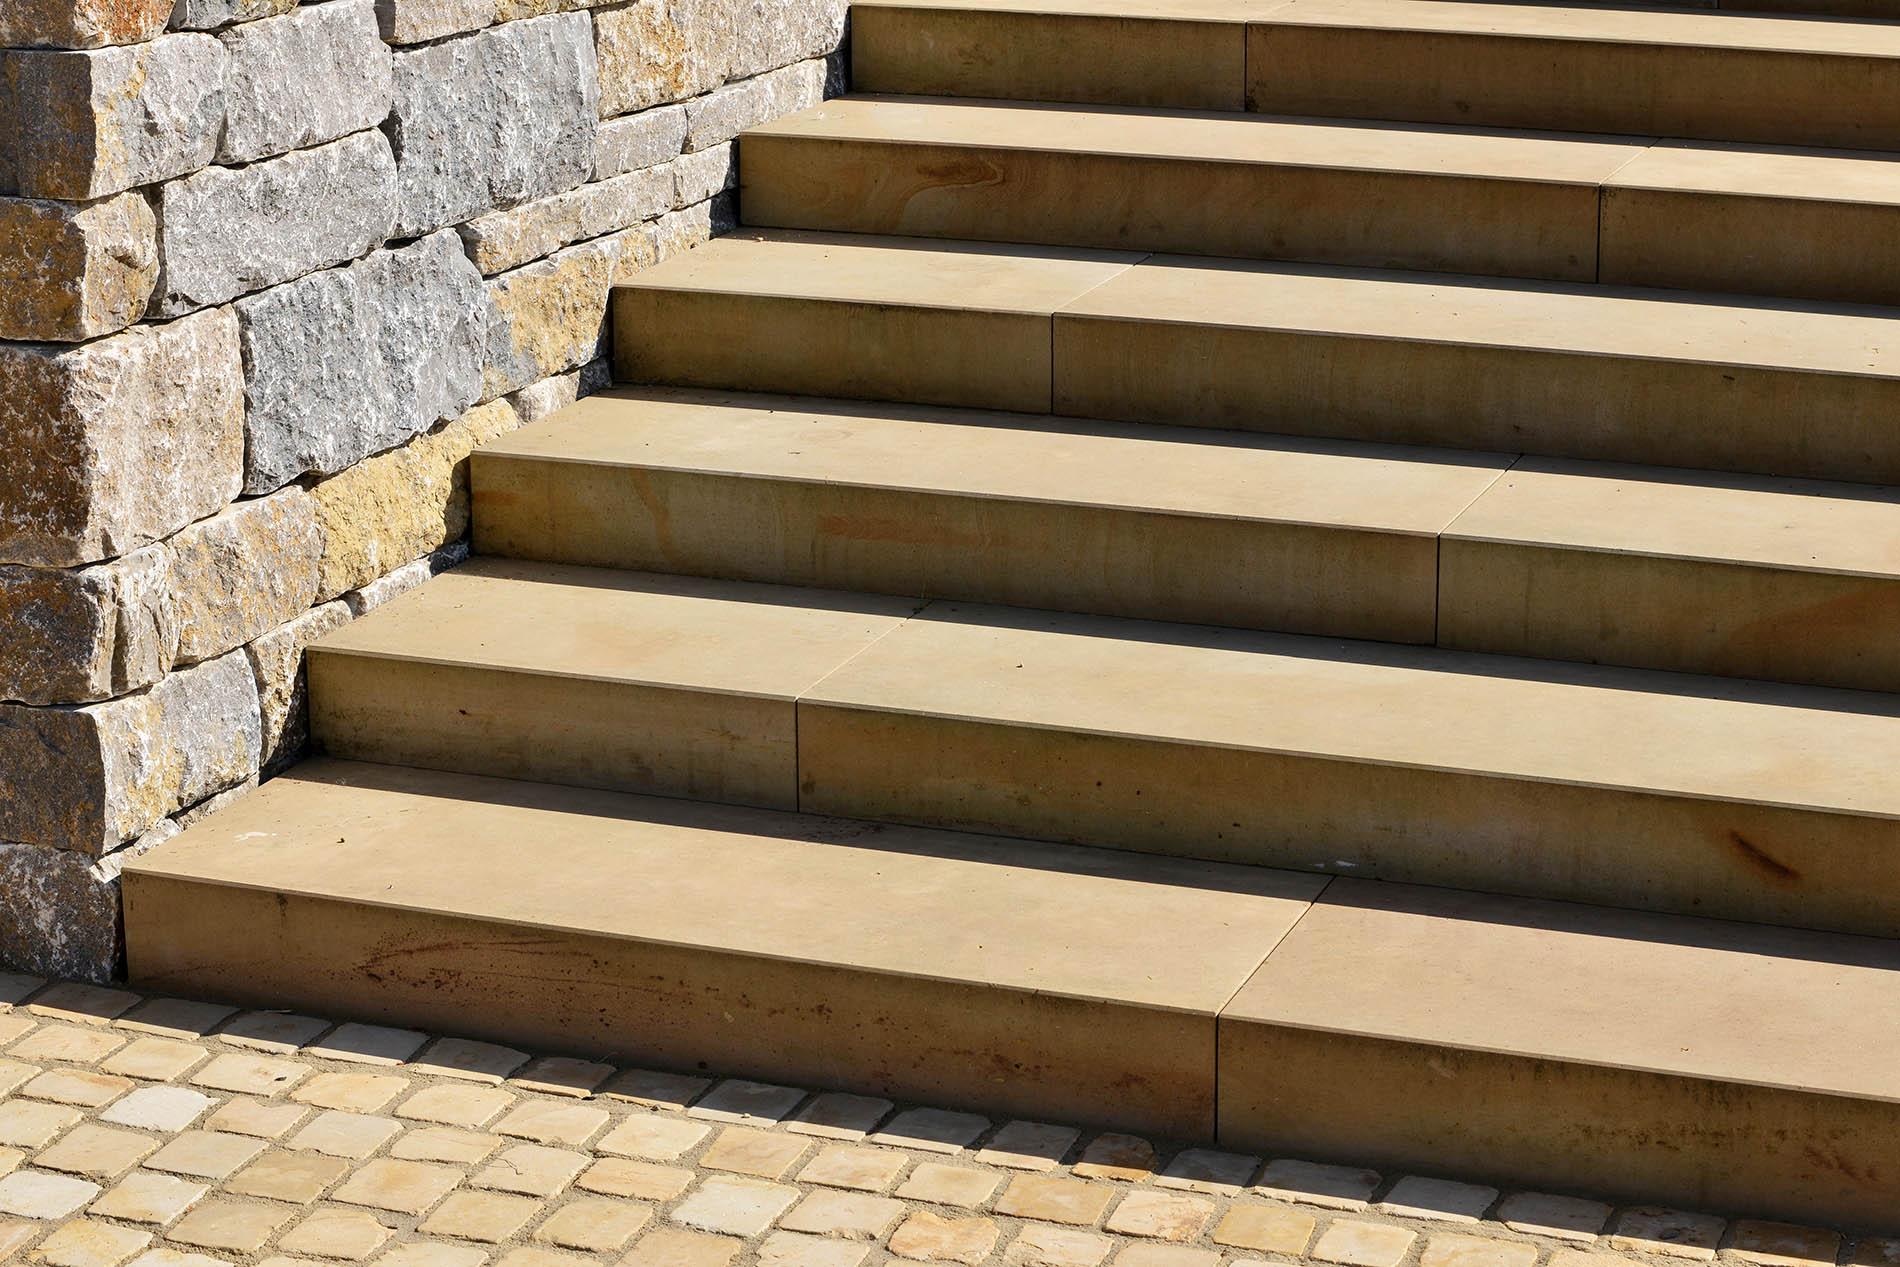 Blockstufen und Pflastersteine aus Seeberger Sandstein, Mauersteine aus Muschelkalk von TRACO